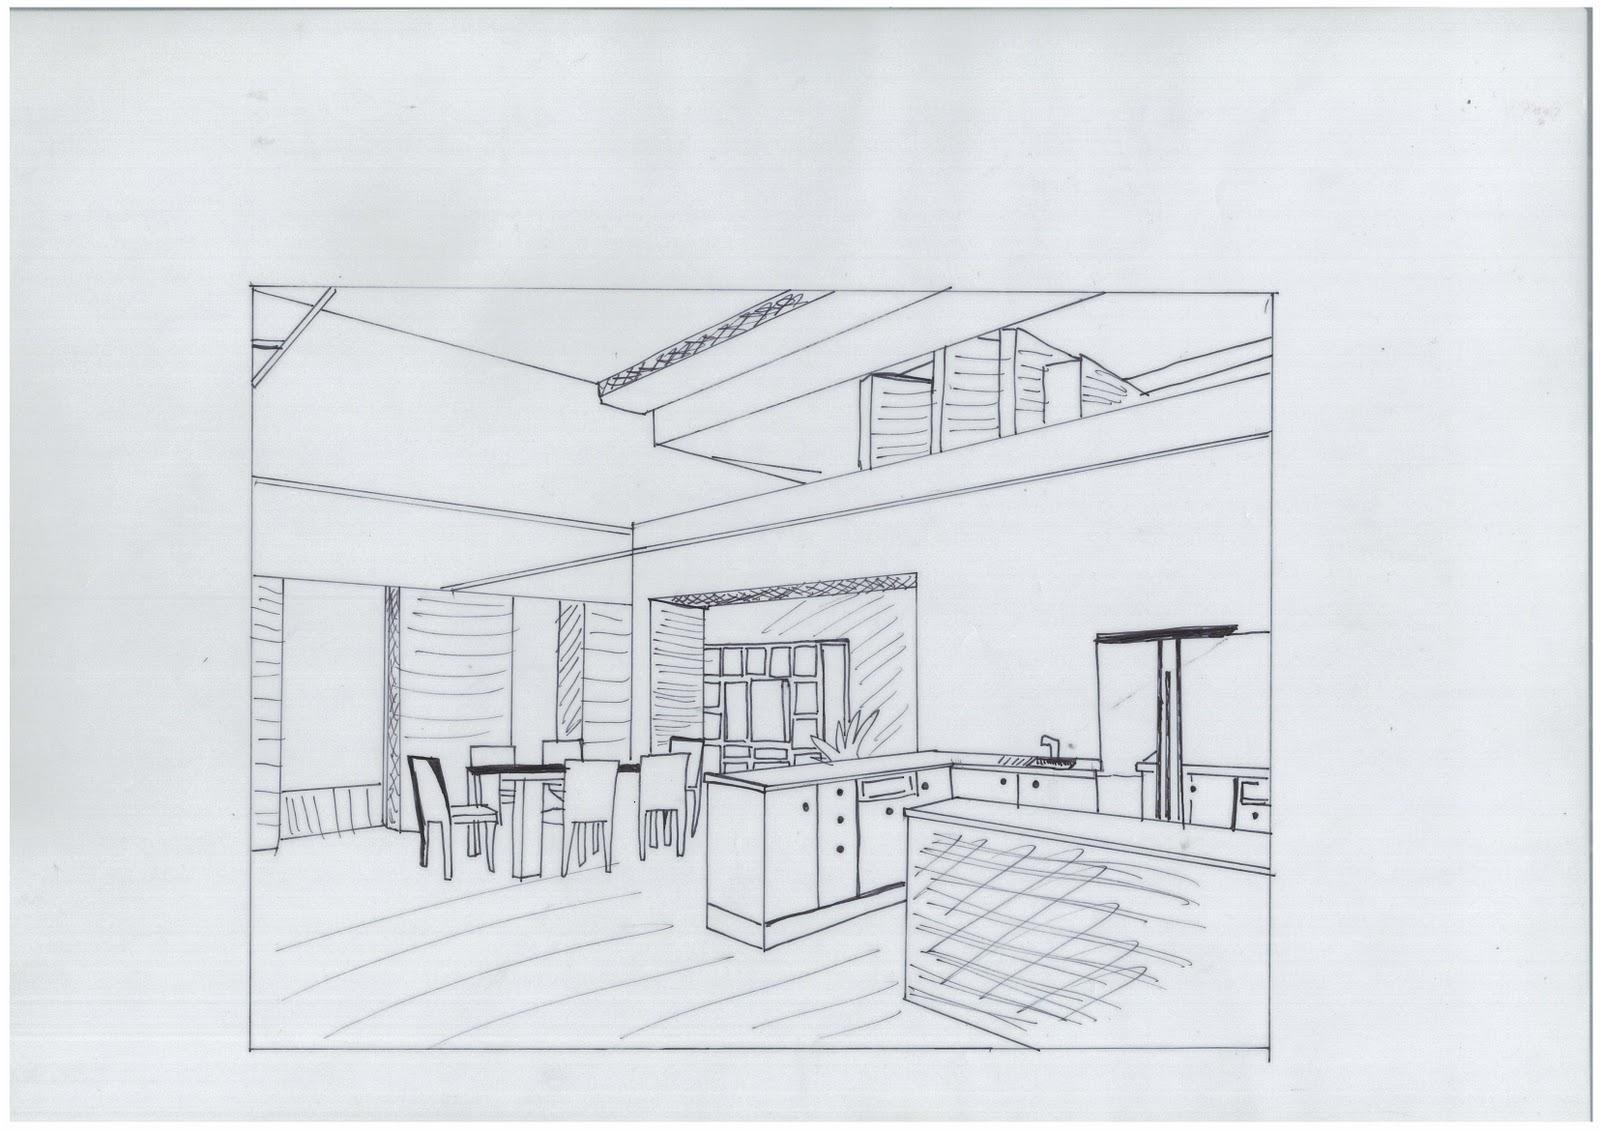 Architecture Sj18a 3 Internal 2 External